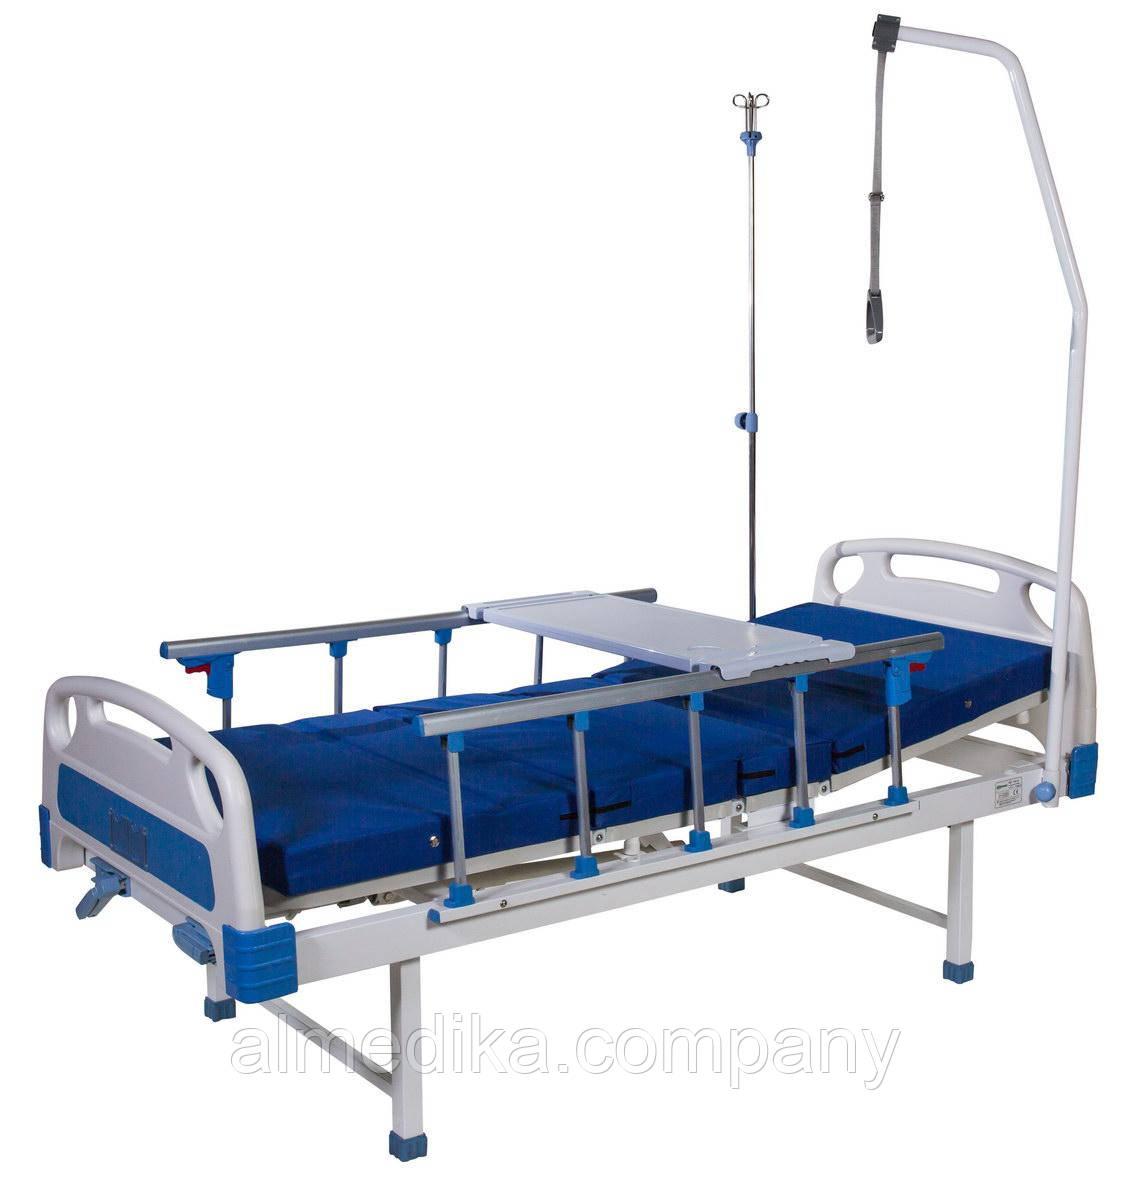 Кровать функционаяльная механическая HBM-2S (4-секционная)